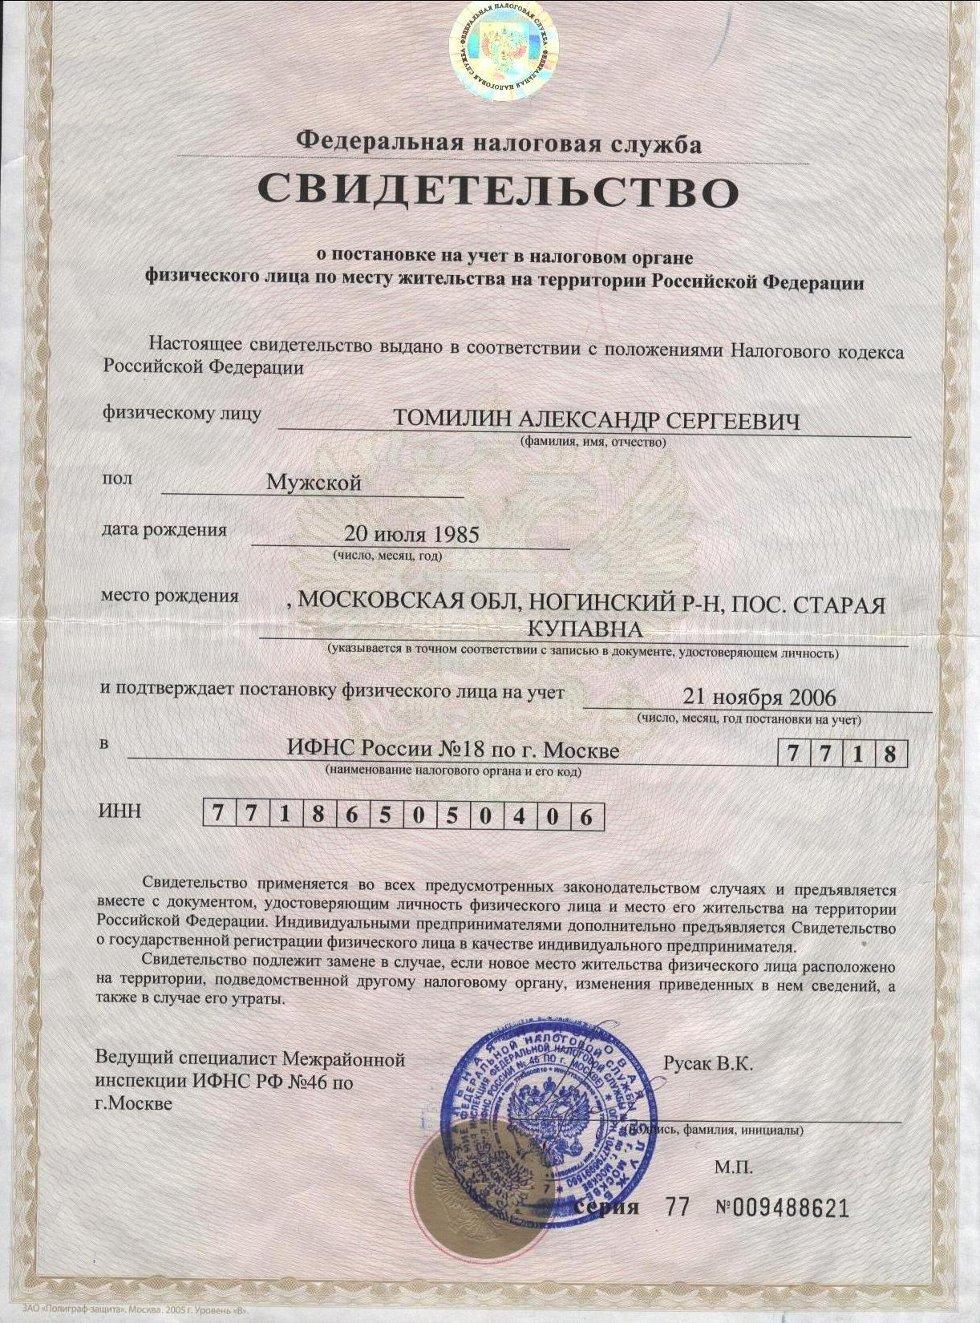 Как получить и узнать ИНН по паспорту для физического лица? 1